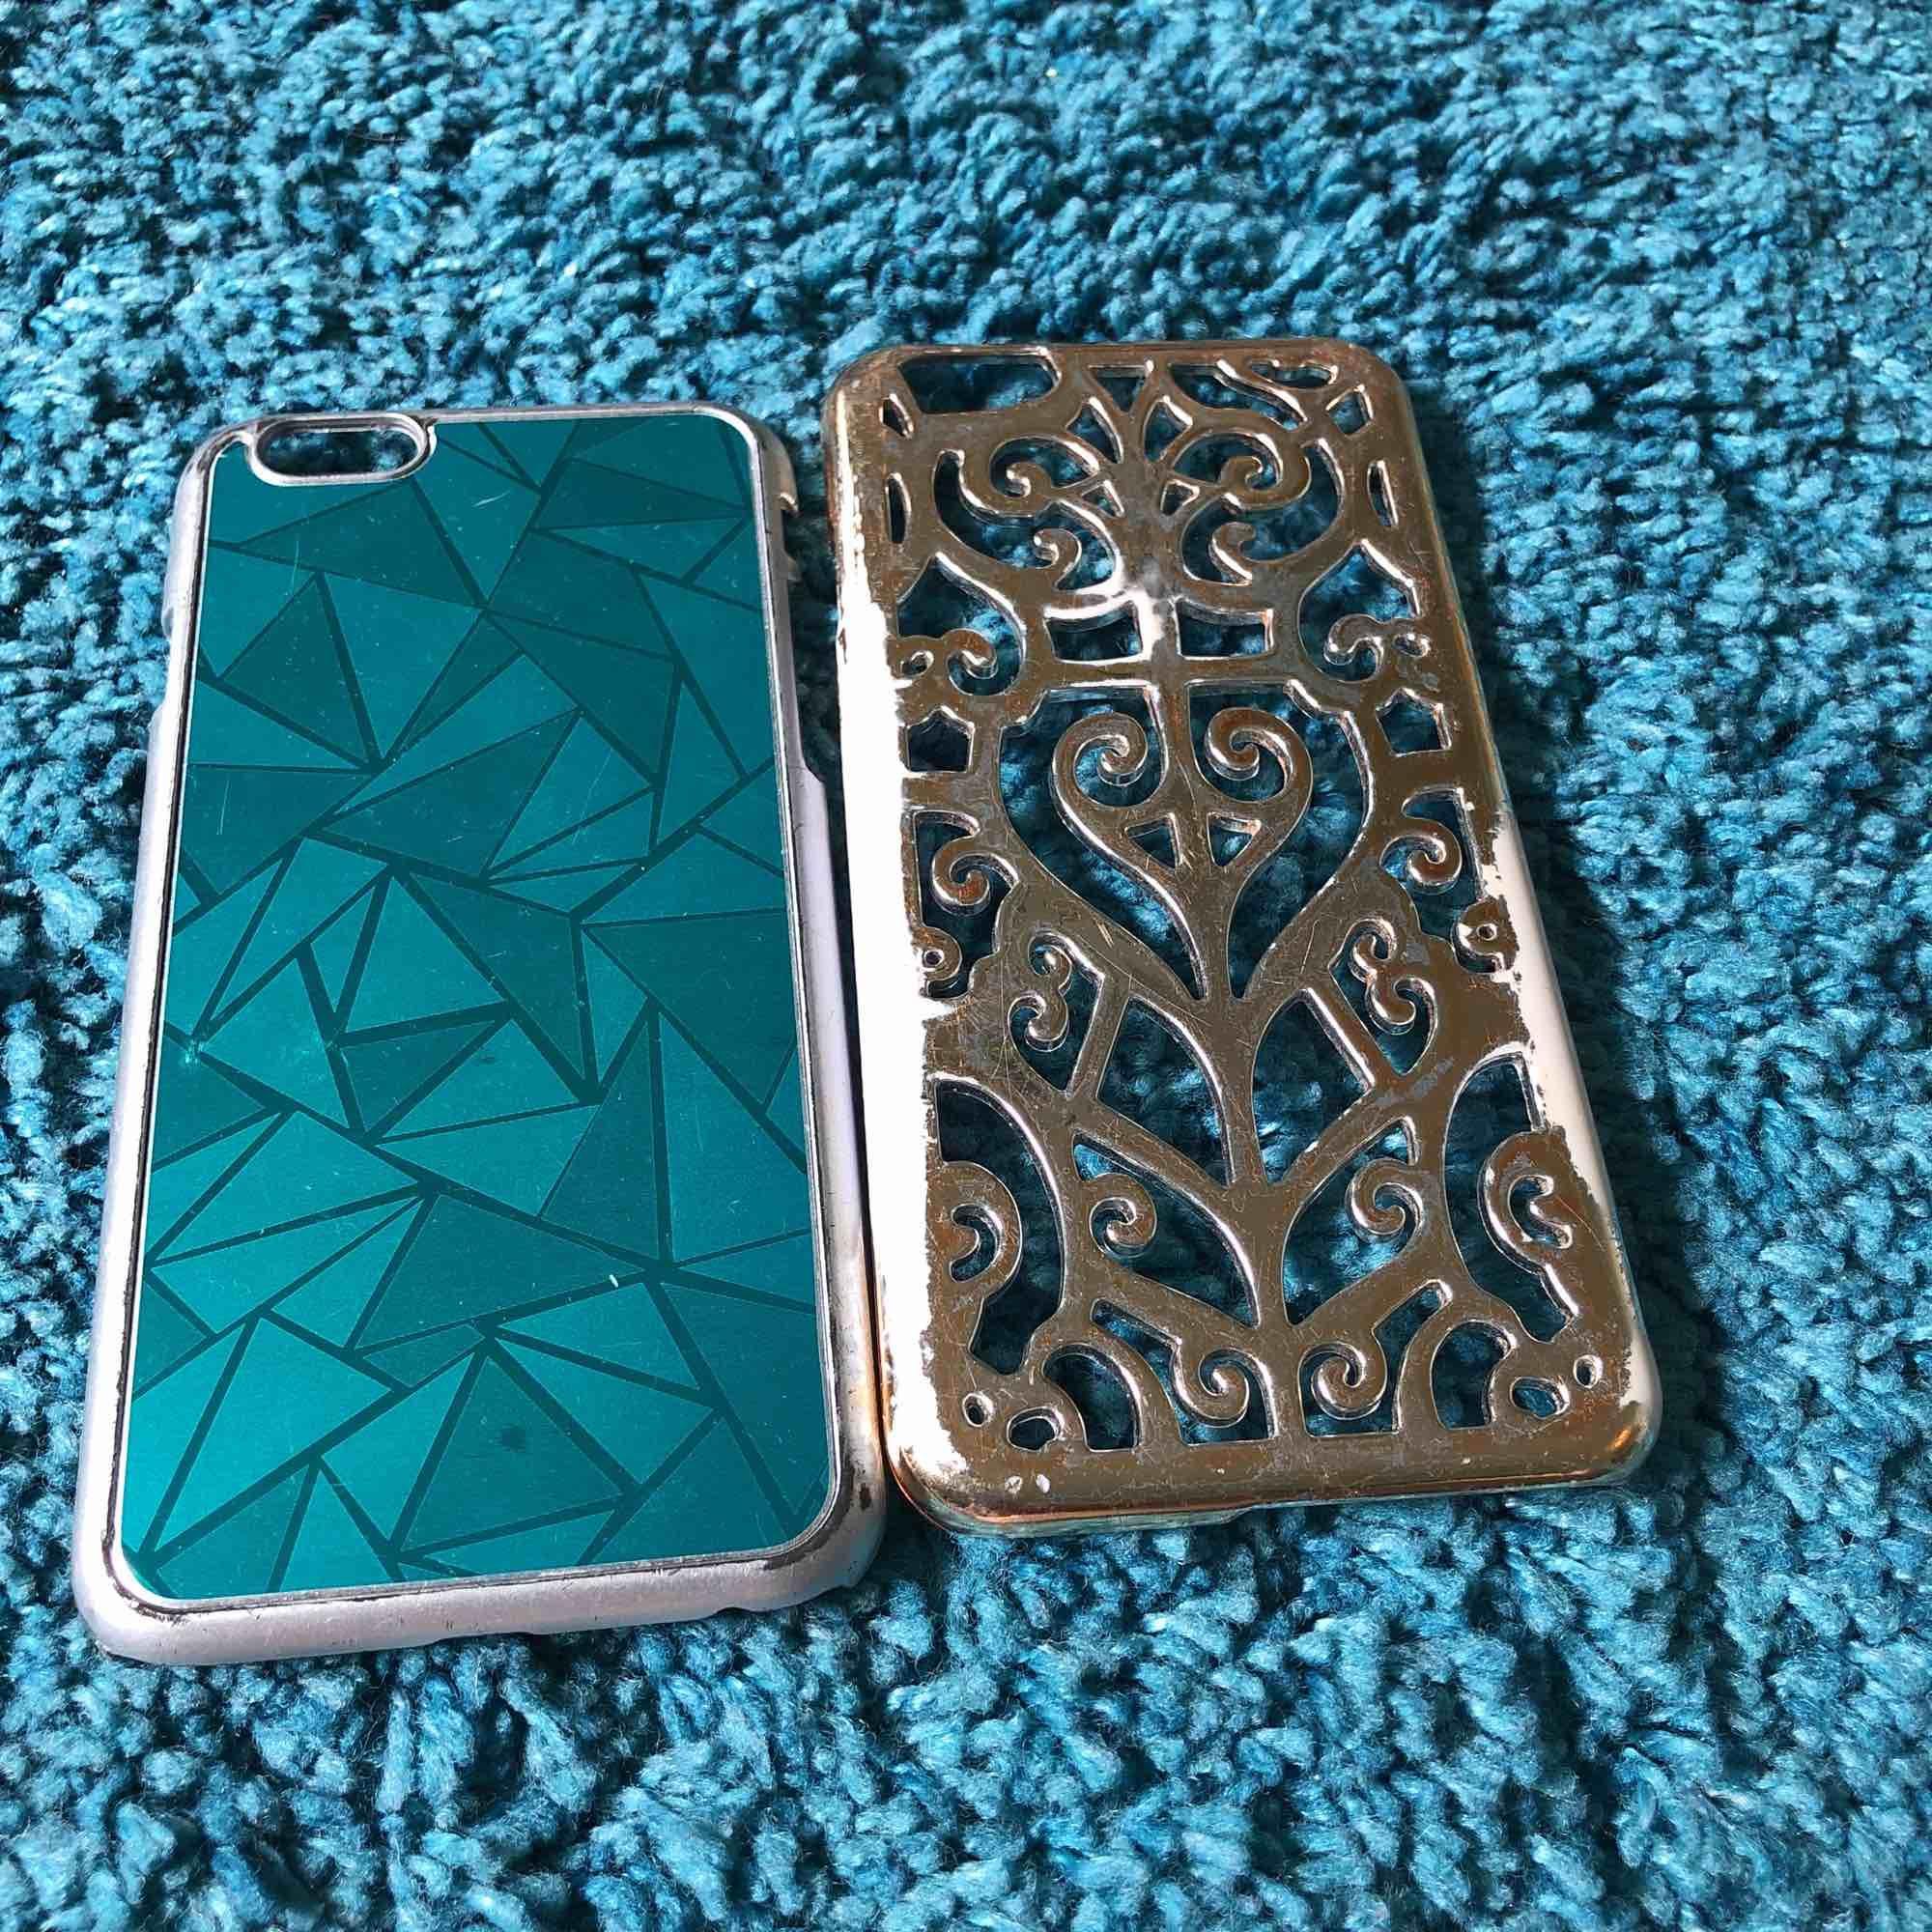 Tre fina iPhone 6 skal i nyskick, finns på första och andra bilden. Dom två skal ni ser på bild 3 är i lite sämre skick och skickas därför med gratis!  Frakt tillkommer . Övrigt.